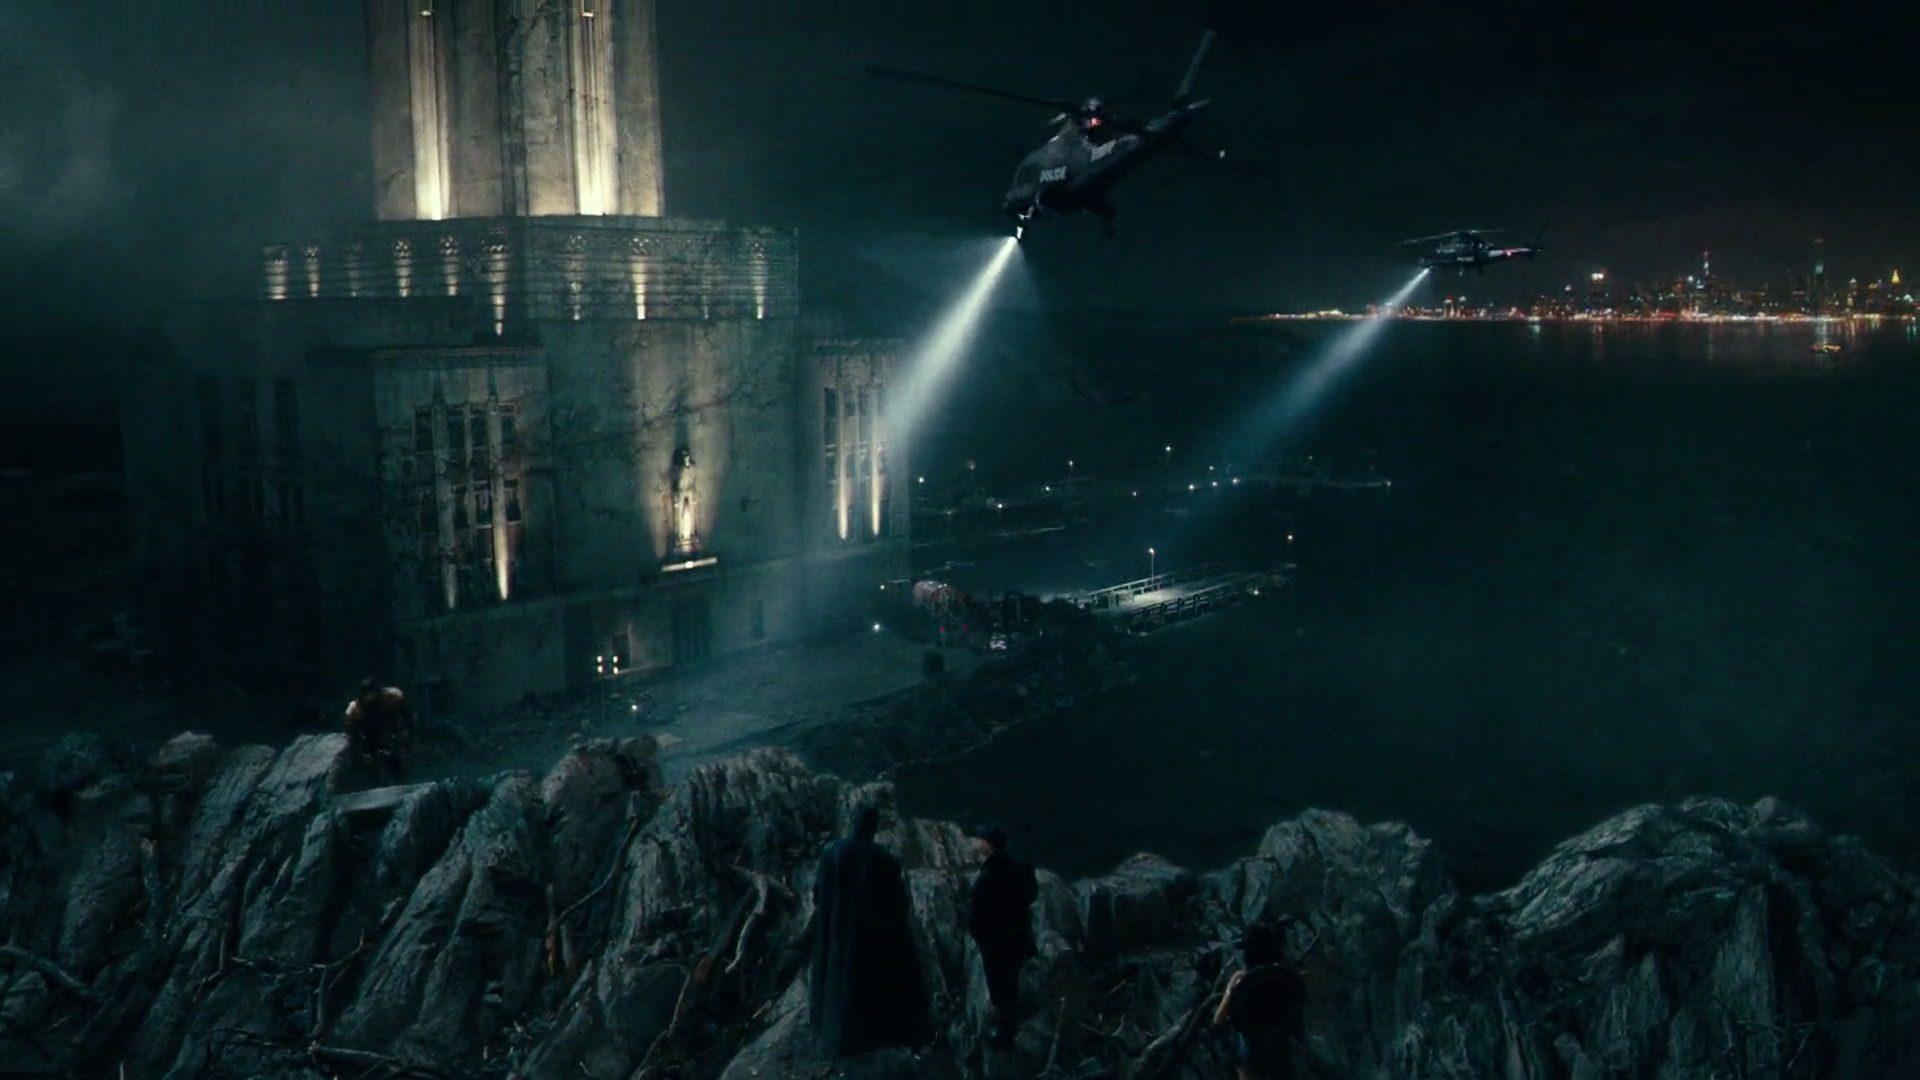 Gotham Harbor